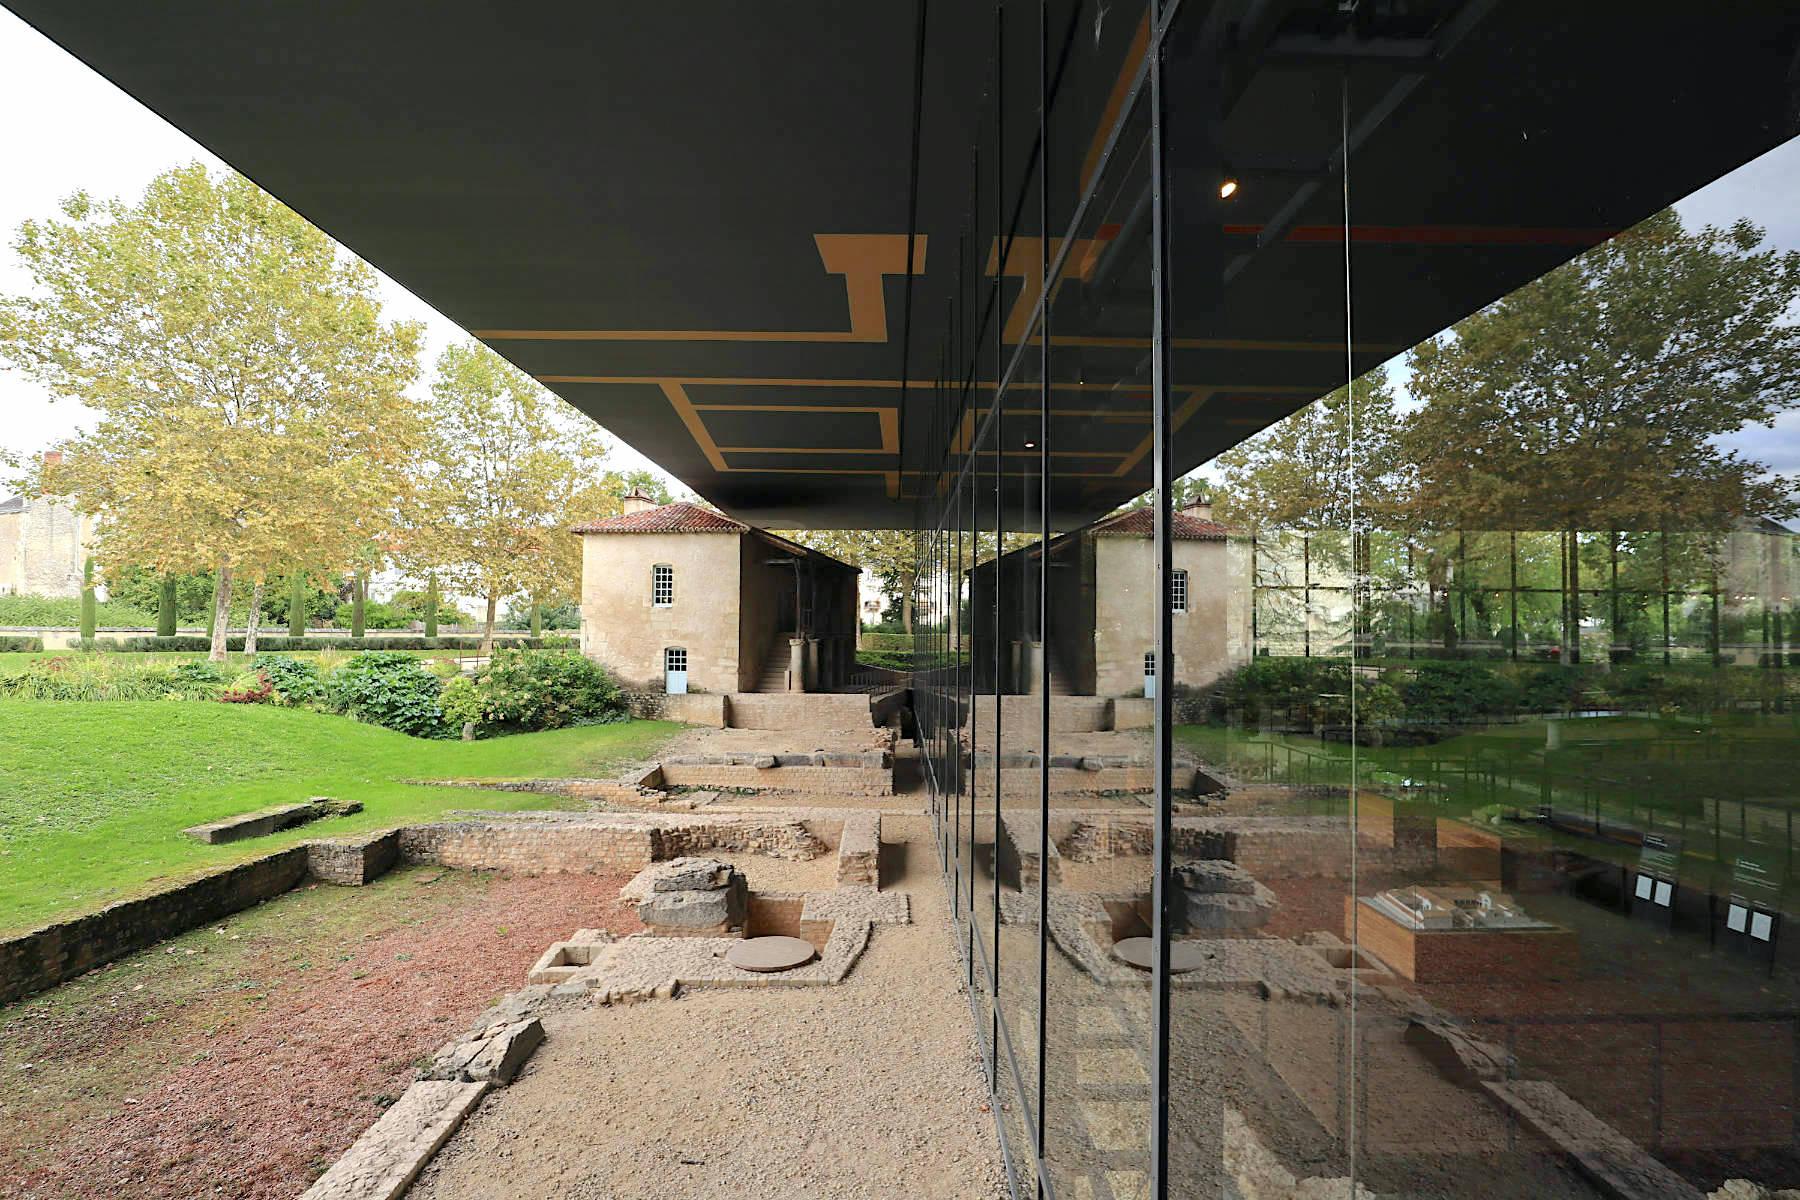 Musée Vésunna. Entwurf: Jean Nouvel, 2003. Bäume und Bauwerke spiegeln sich an den Glaswänden und tragen so zur Magie des Ortes bei. Das kleine Haus neben der Ruine wurde im 18. Jahrhundert errichtet. Es war einst der Arbeitsplatz des ersten Archäologen, der an den Ausgrabungen von Vésunna arbeitete. Nouvel ließ es zusammen mit Philippe Oudin, dem lokalen Leiter der historischen Gebäude, restaurieren.